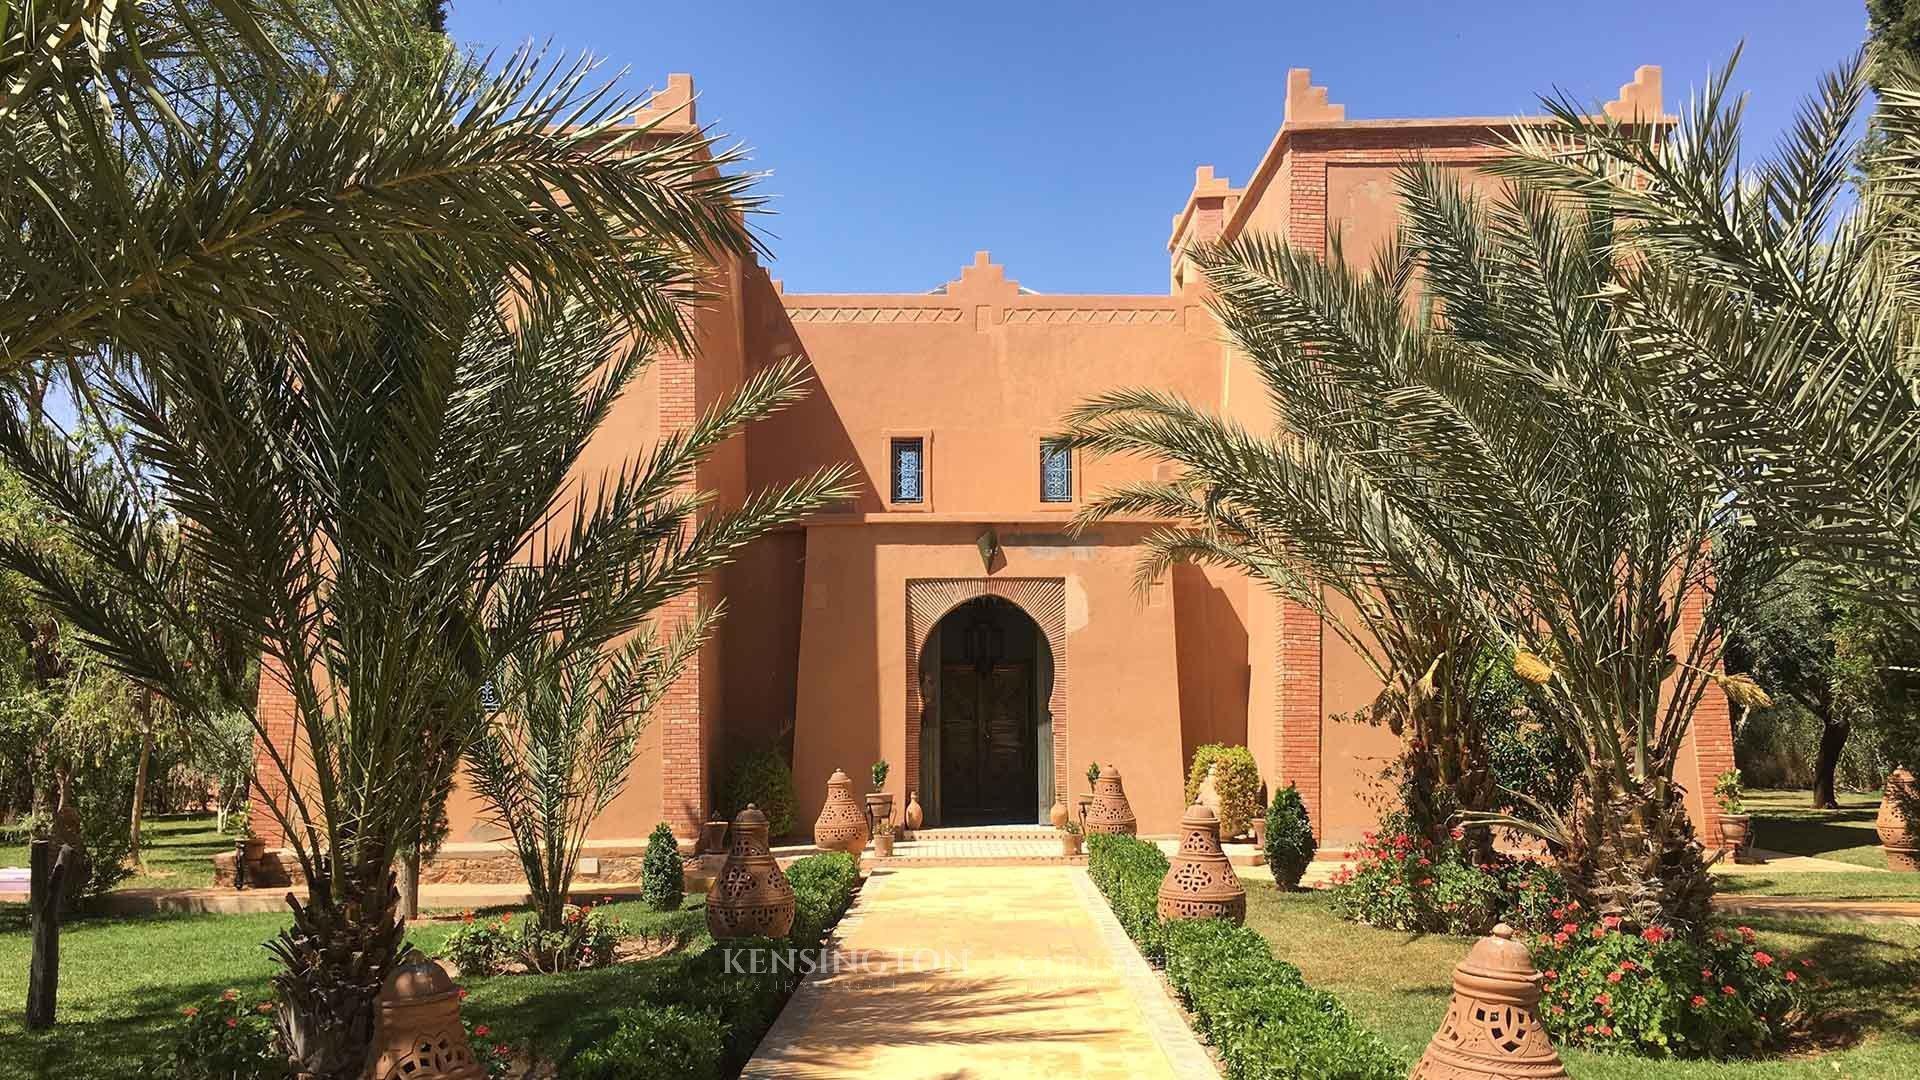 KPPM01010: Villa Daral Luxury Villa Ouarzazate Morocco